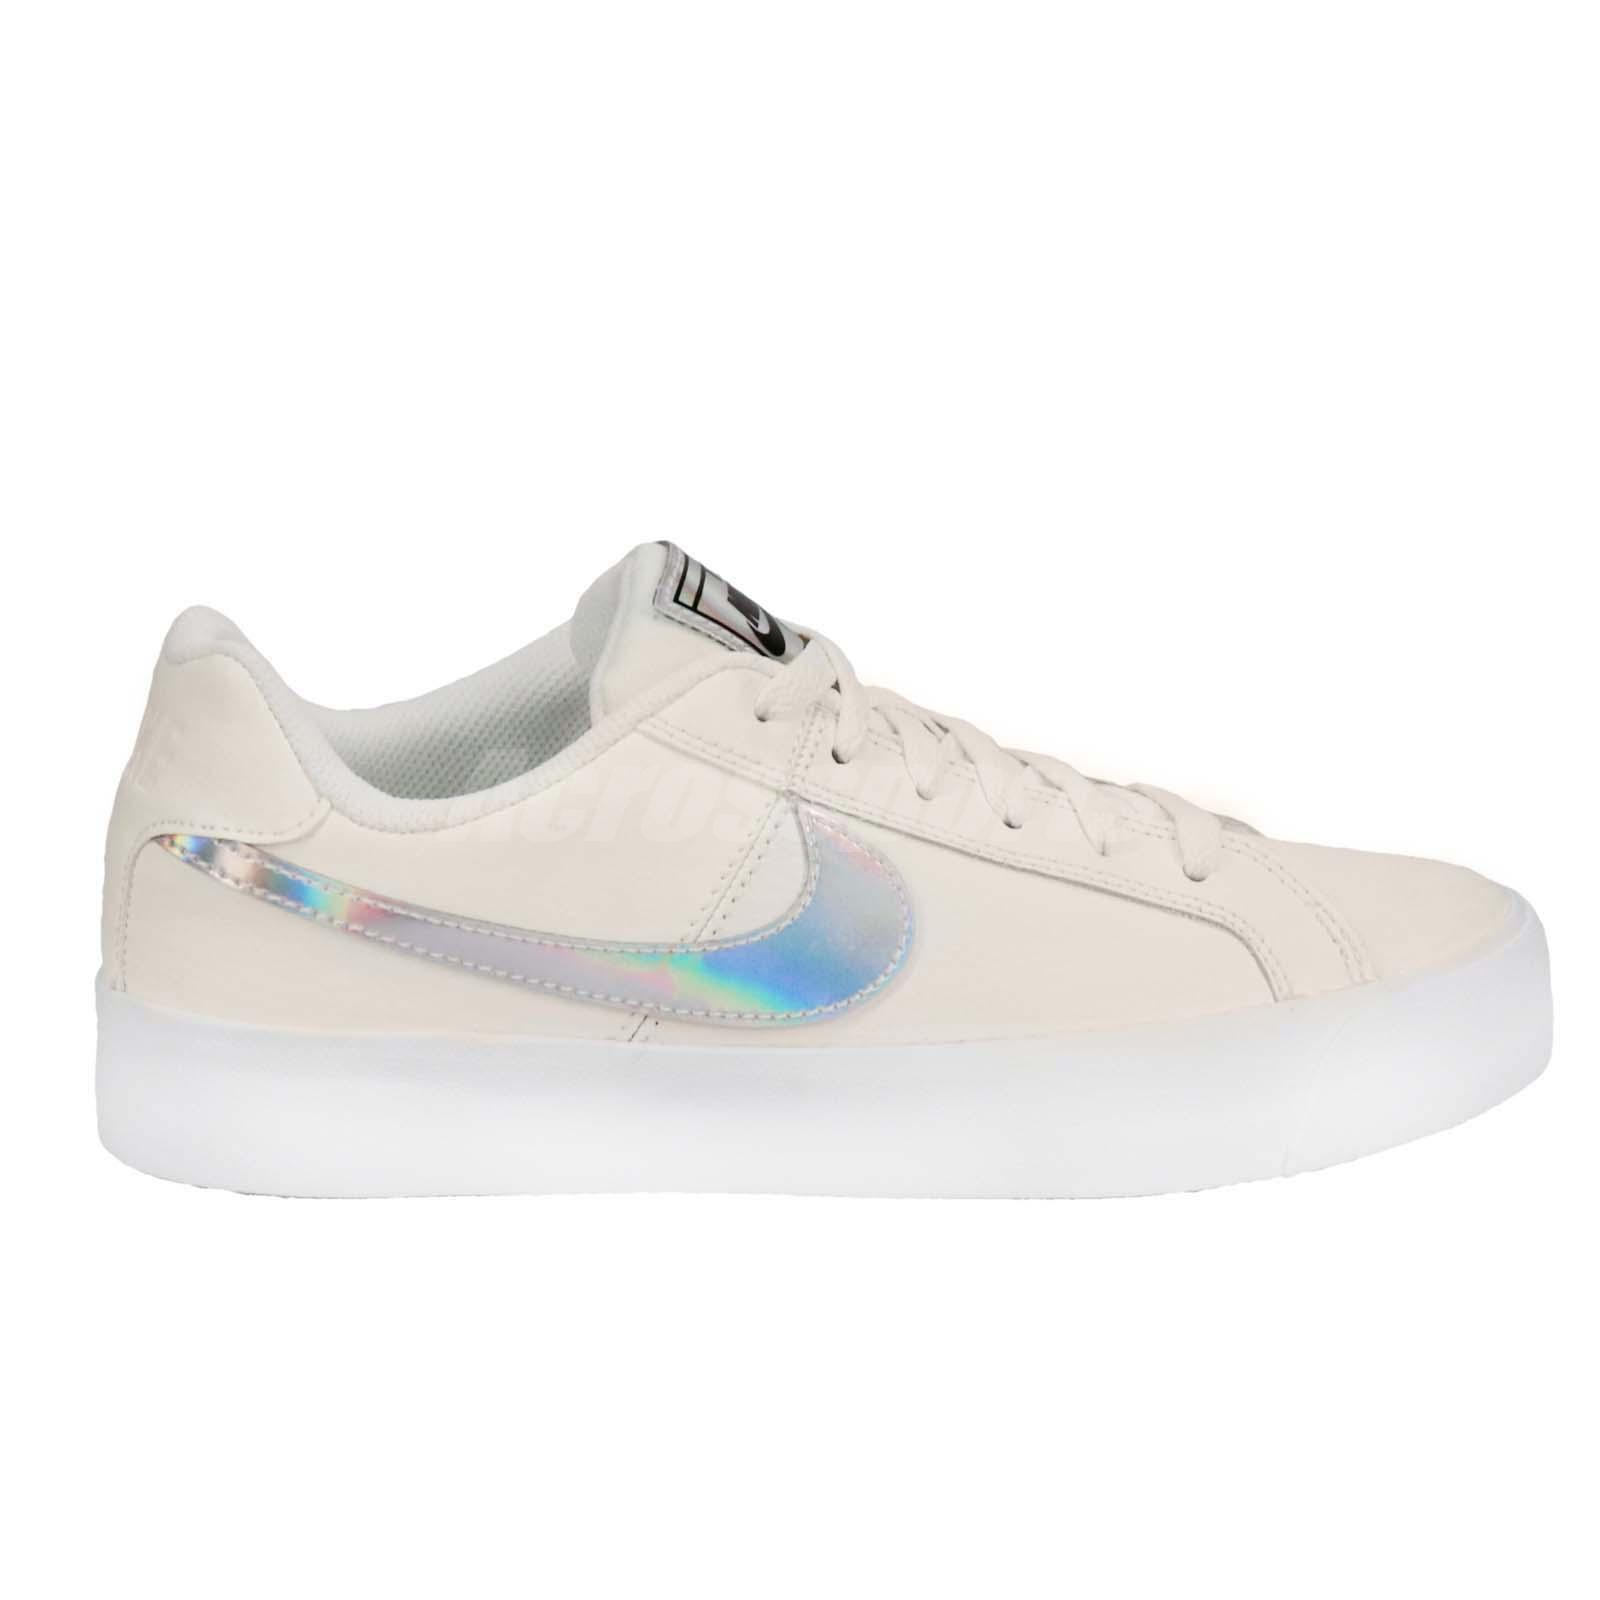 8e9bd6b5e0cfce Nike Wmns Court Royale AC Sail White Women Casual Shoes Sneakers ...